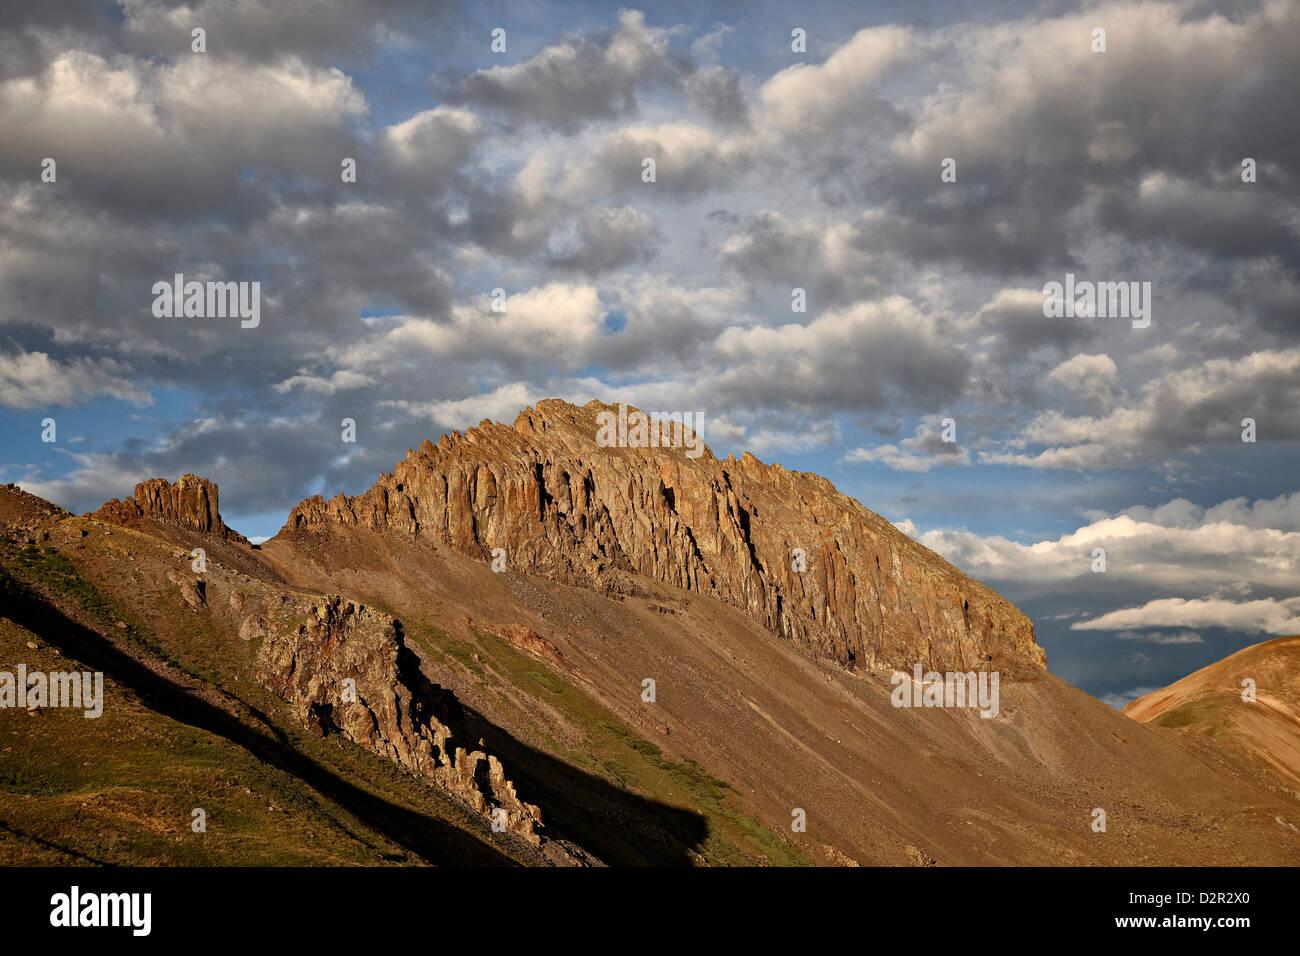 La crête dentelée avec puffy clouds, Rio Grande National Forest, Colorado, États-Unis d'Amérique, Photo Stock